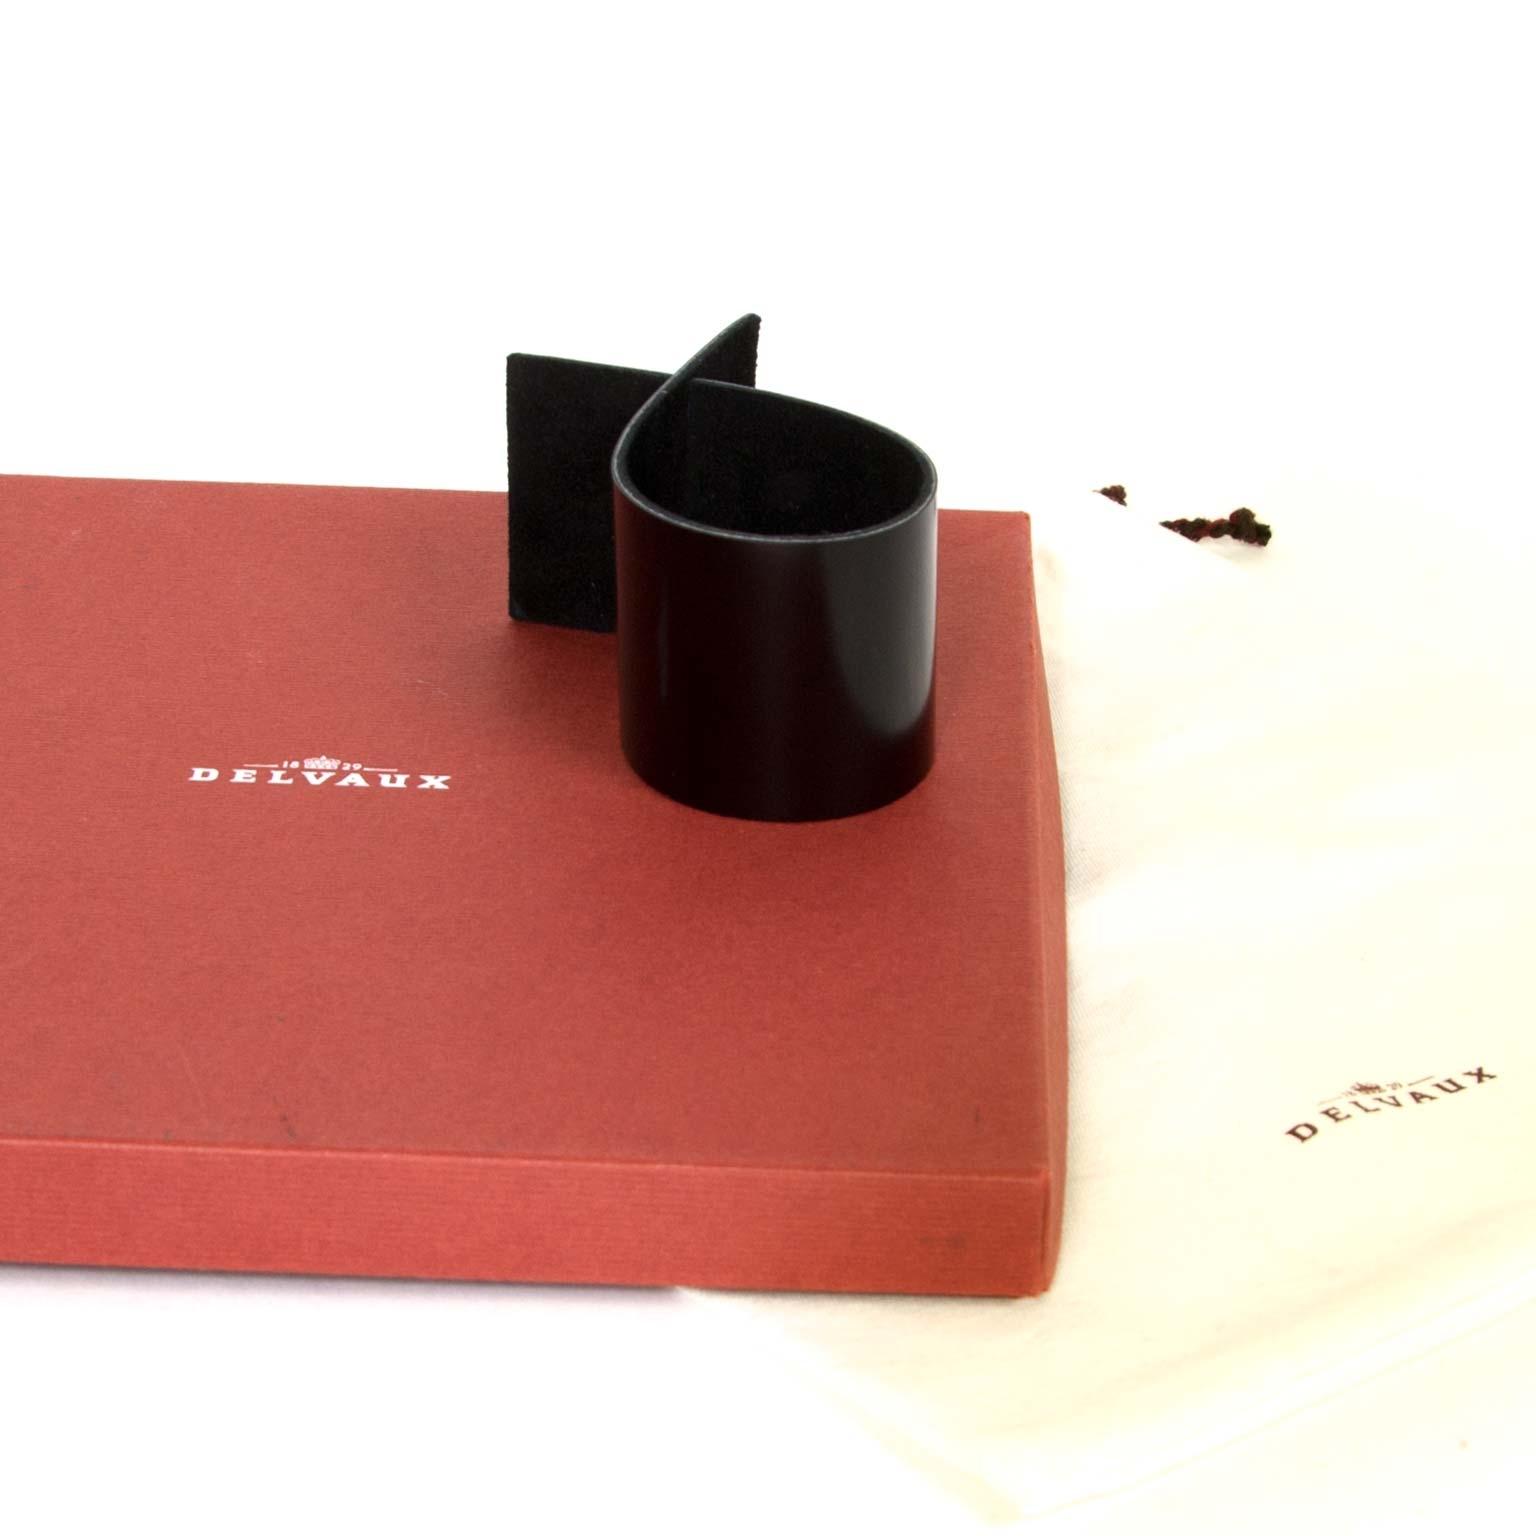 delvaux black leather bracelet kimiko y now for sale at labellov vintage fashion webshop belgium